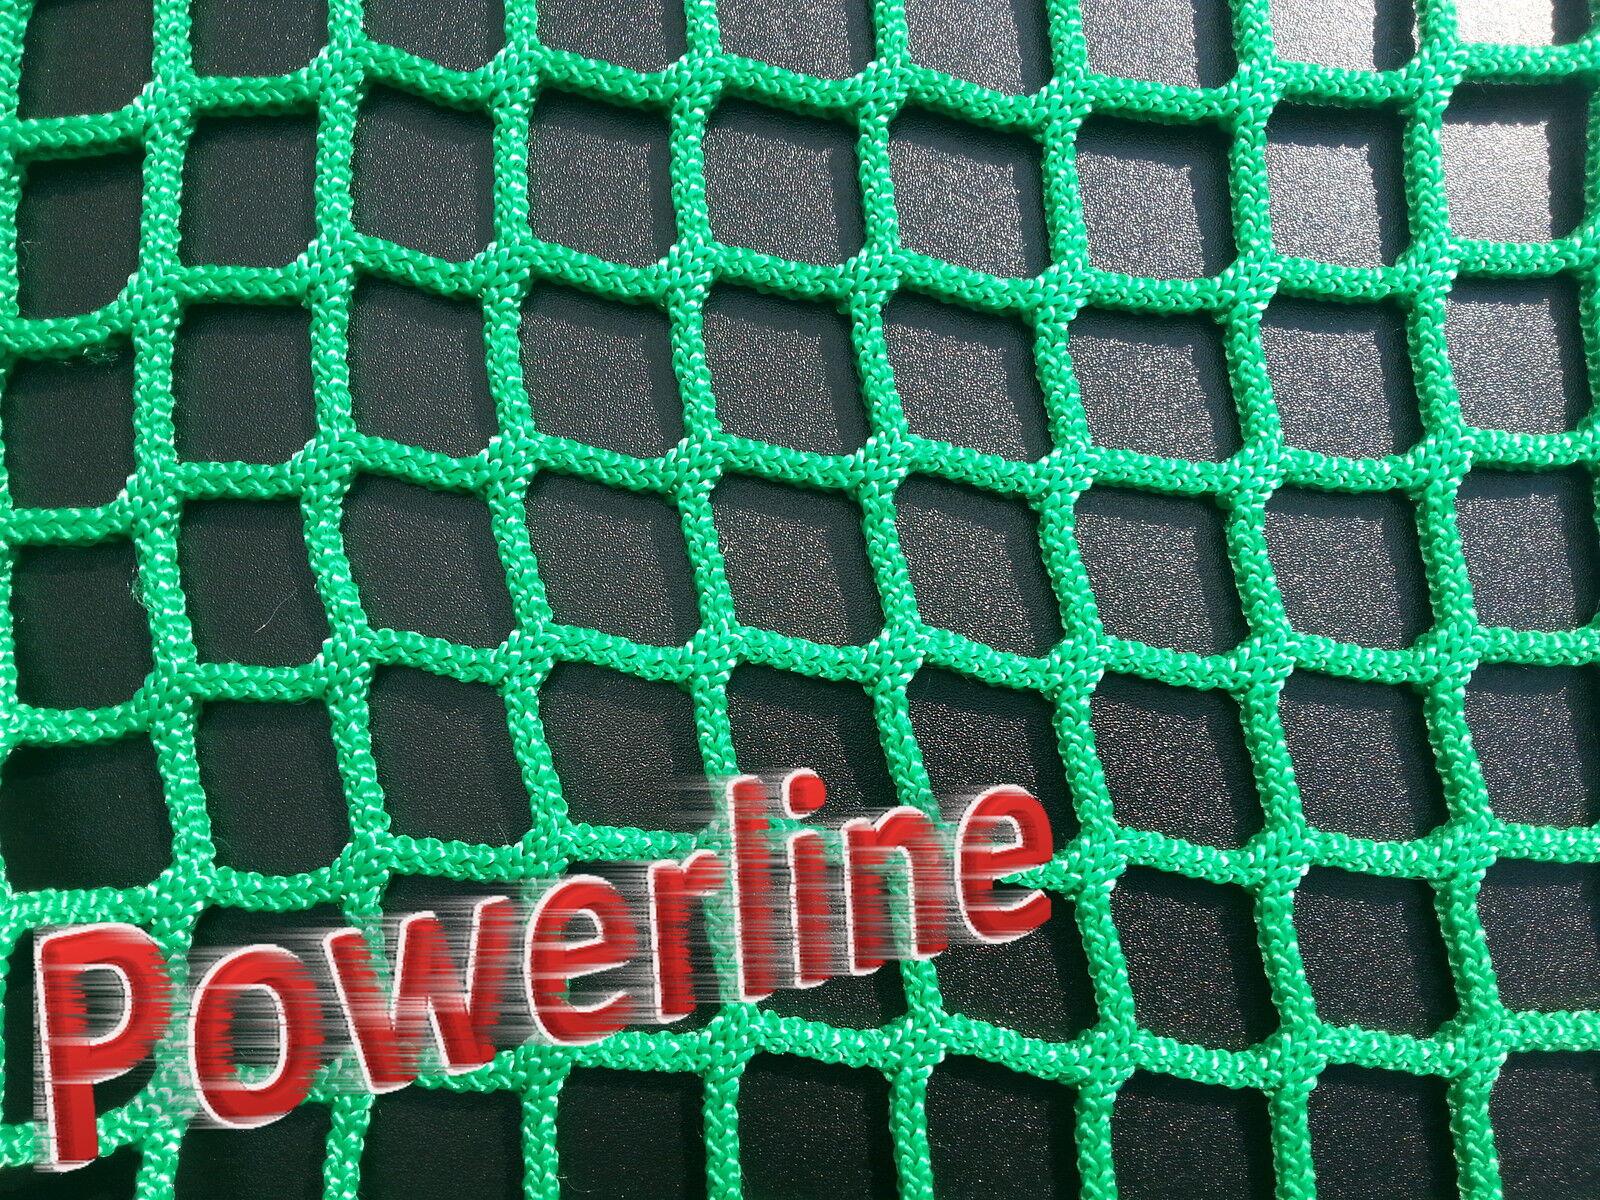 nuovo energialine heuraufennetz 3,0m x 3,0m MW 3,5cm, Heunetz, molto devono essere attentauominite